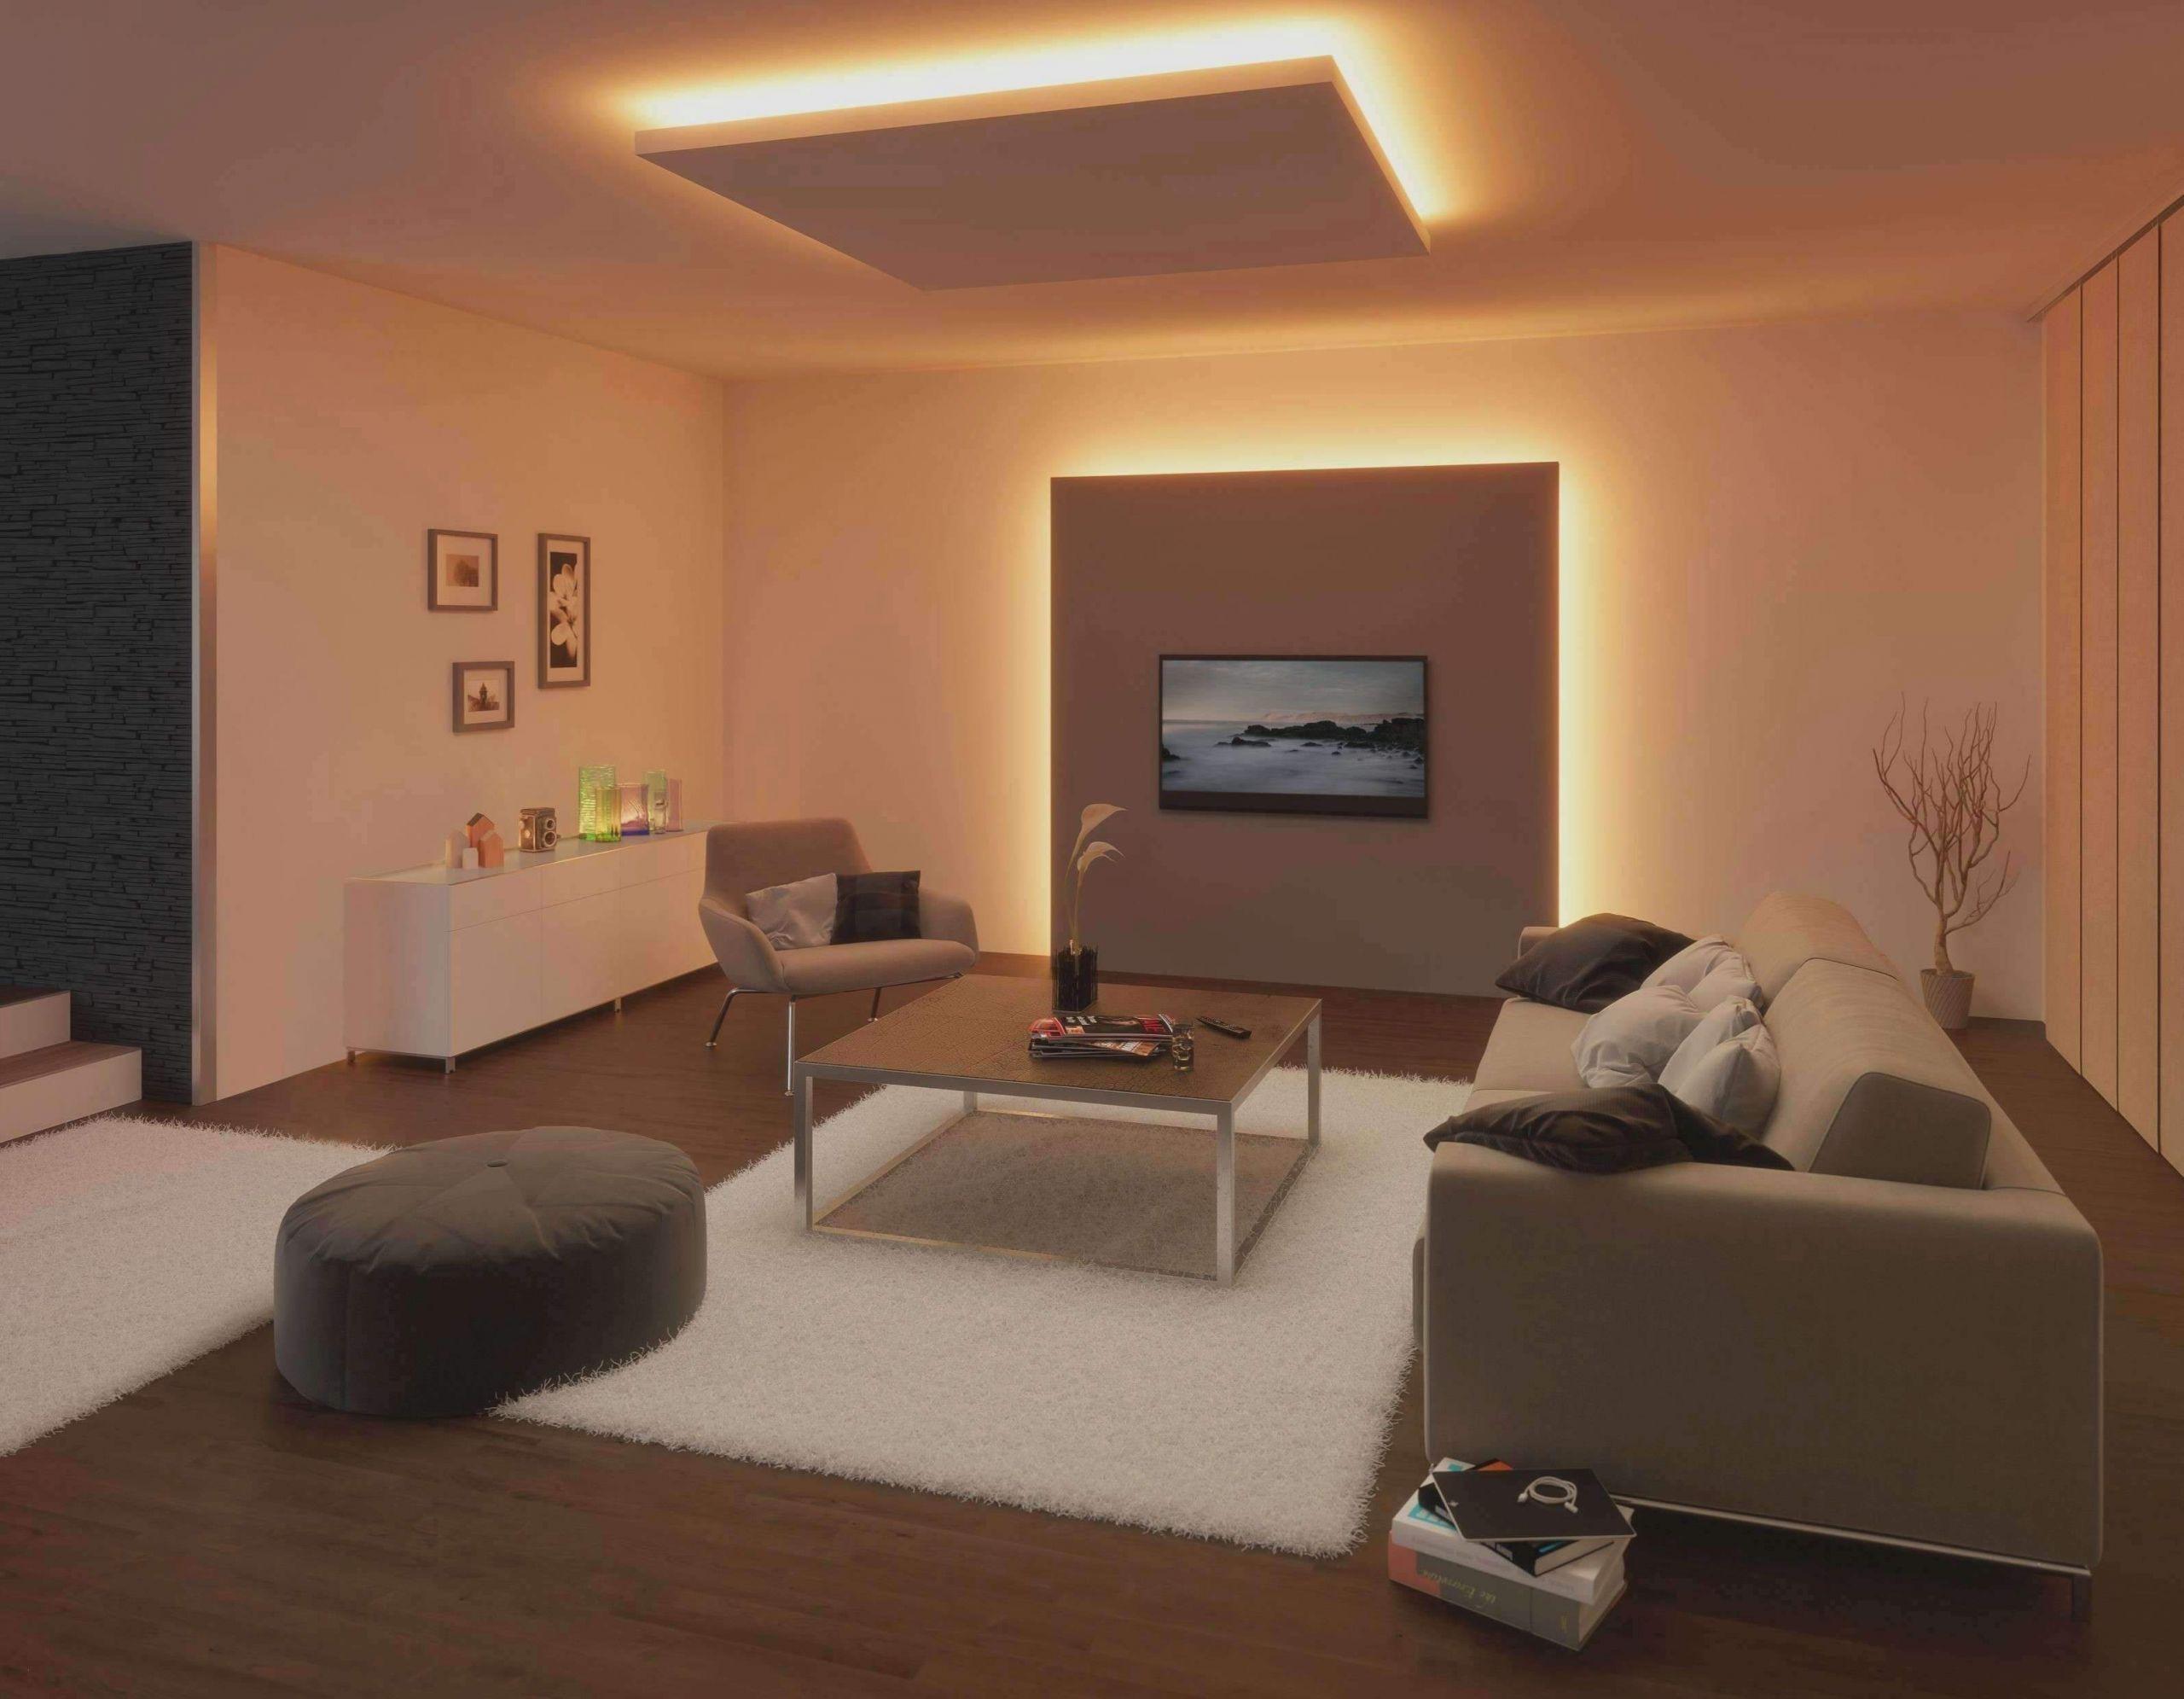 Full Size of Moderne Tapeten Wohnzimmer 2020 Farben Coole Luxus Frisch Deckenleuchte Fototapete Fototapeten Deko Landhausstil Wohnwand Teppiche Deckenlampen Deckenleuchten Wohnzimmer Moderne Wohnzimmer 2020